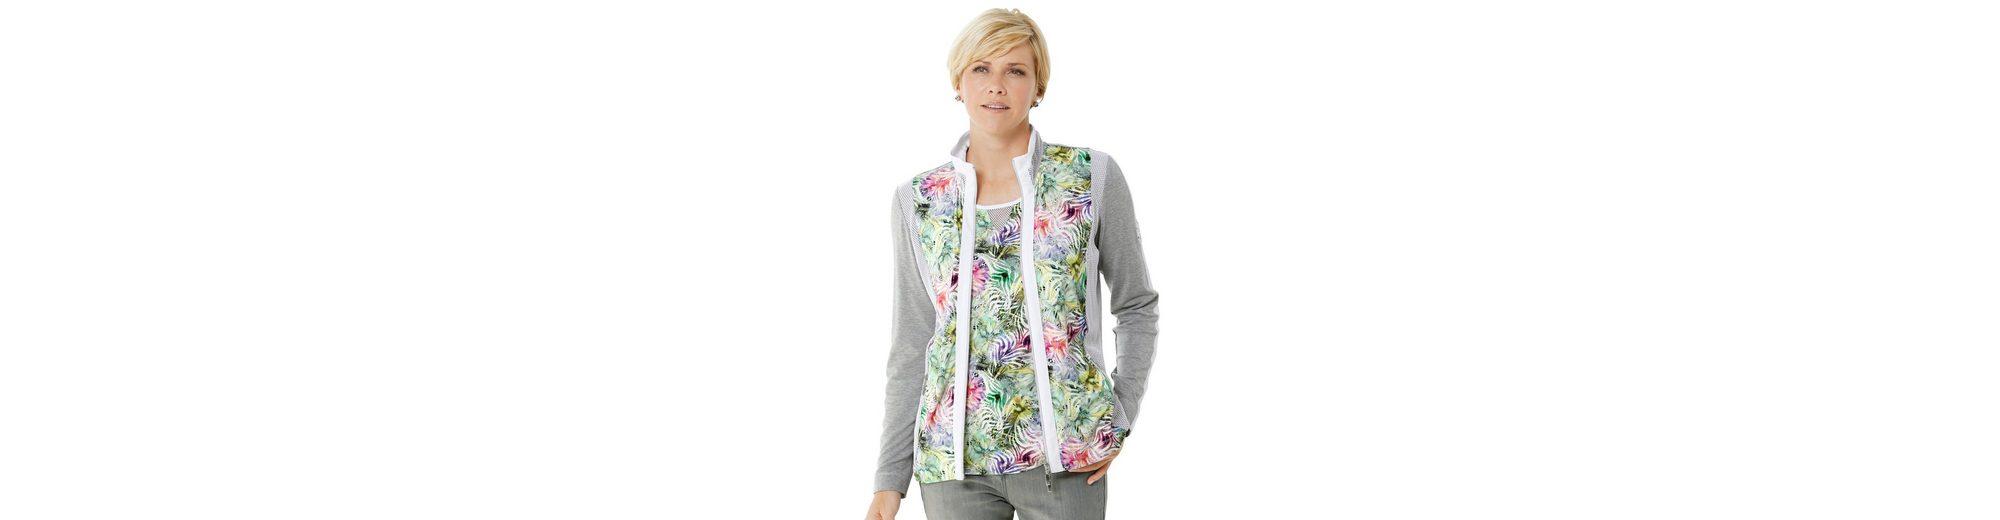 Gute Qualität Zum Verkauf Der Billigsten Mona Shirtjacke Niedriger Preis Zu Verkaufen Freies Verschiffen Ebay Fachlich g1IofDe